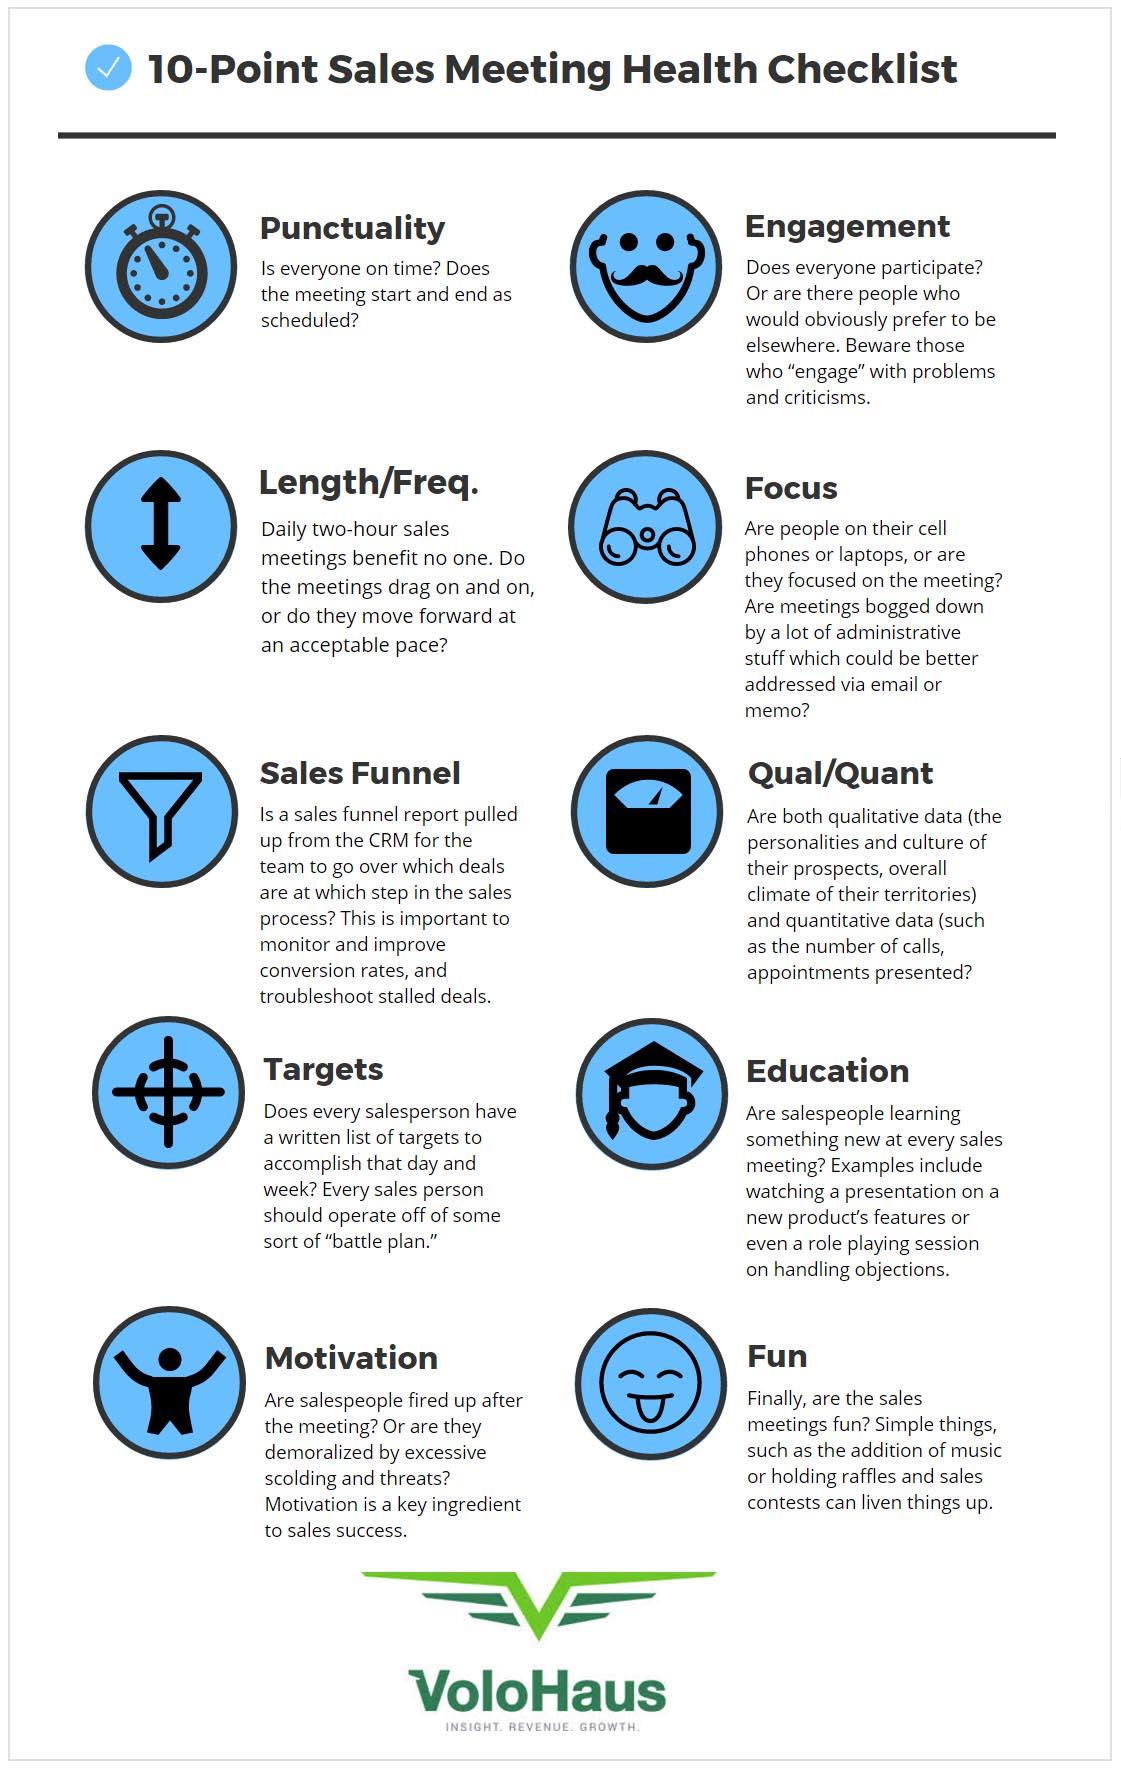 volohaus infographic